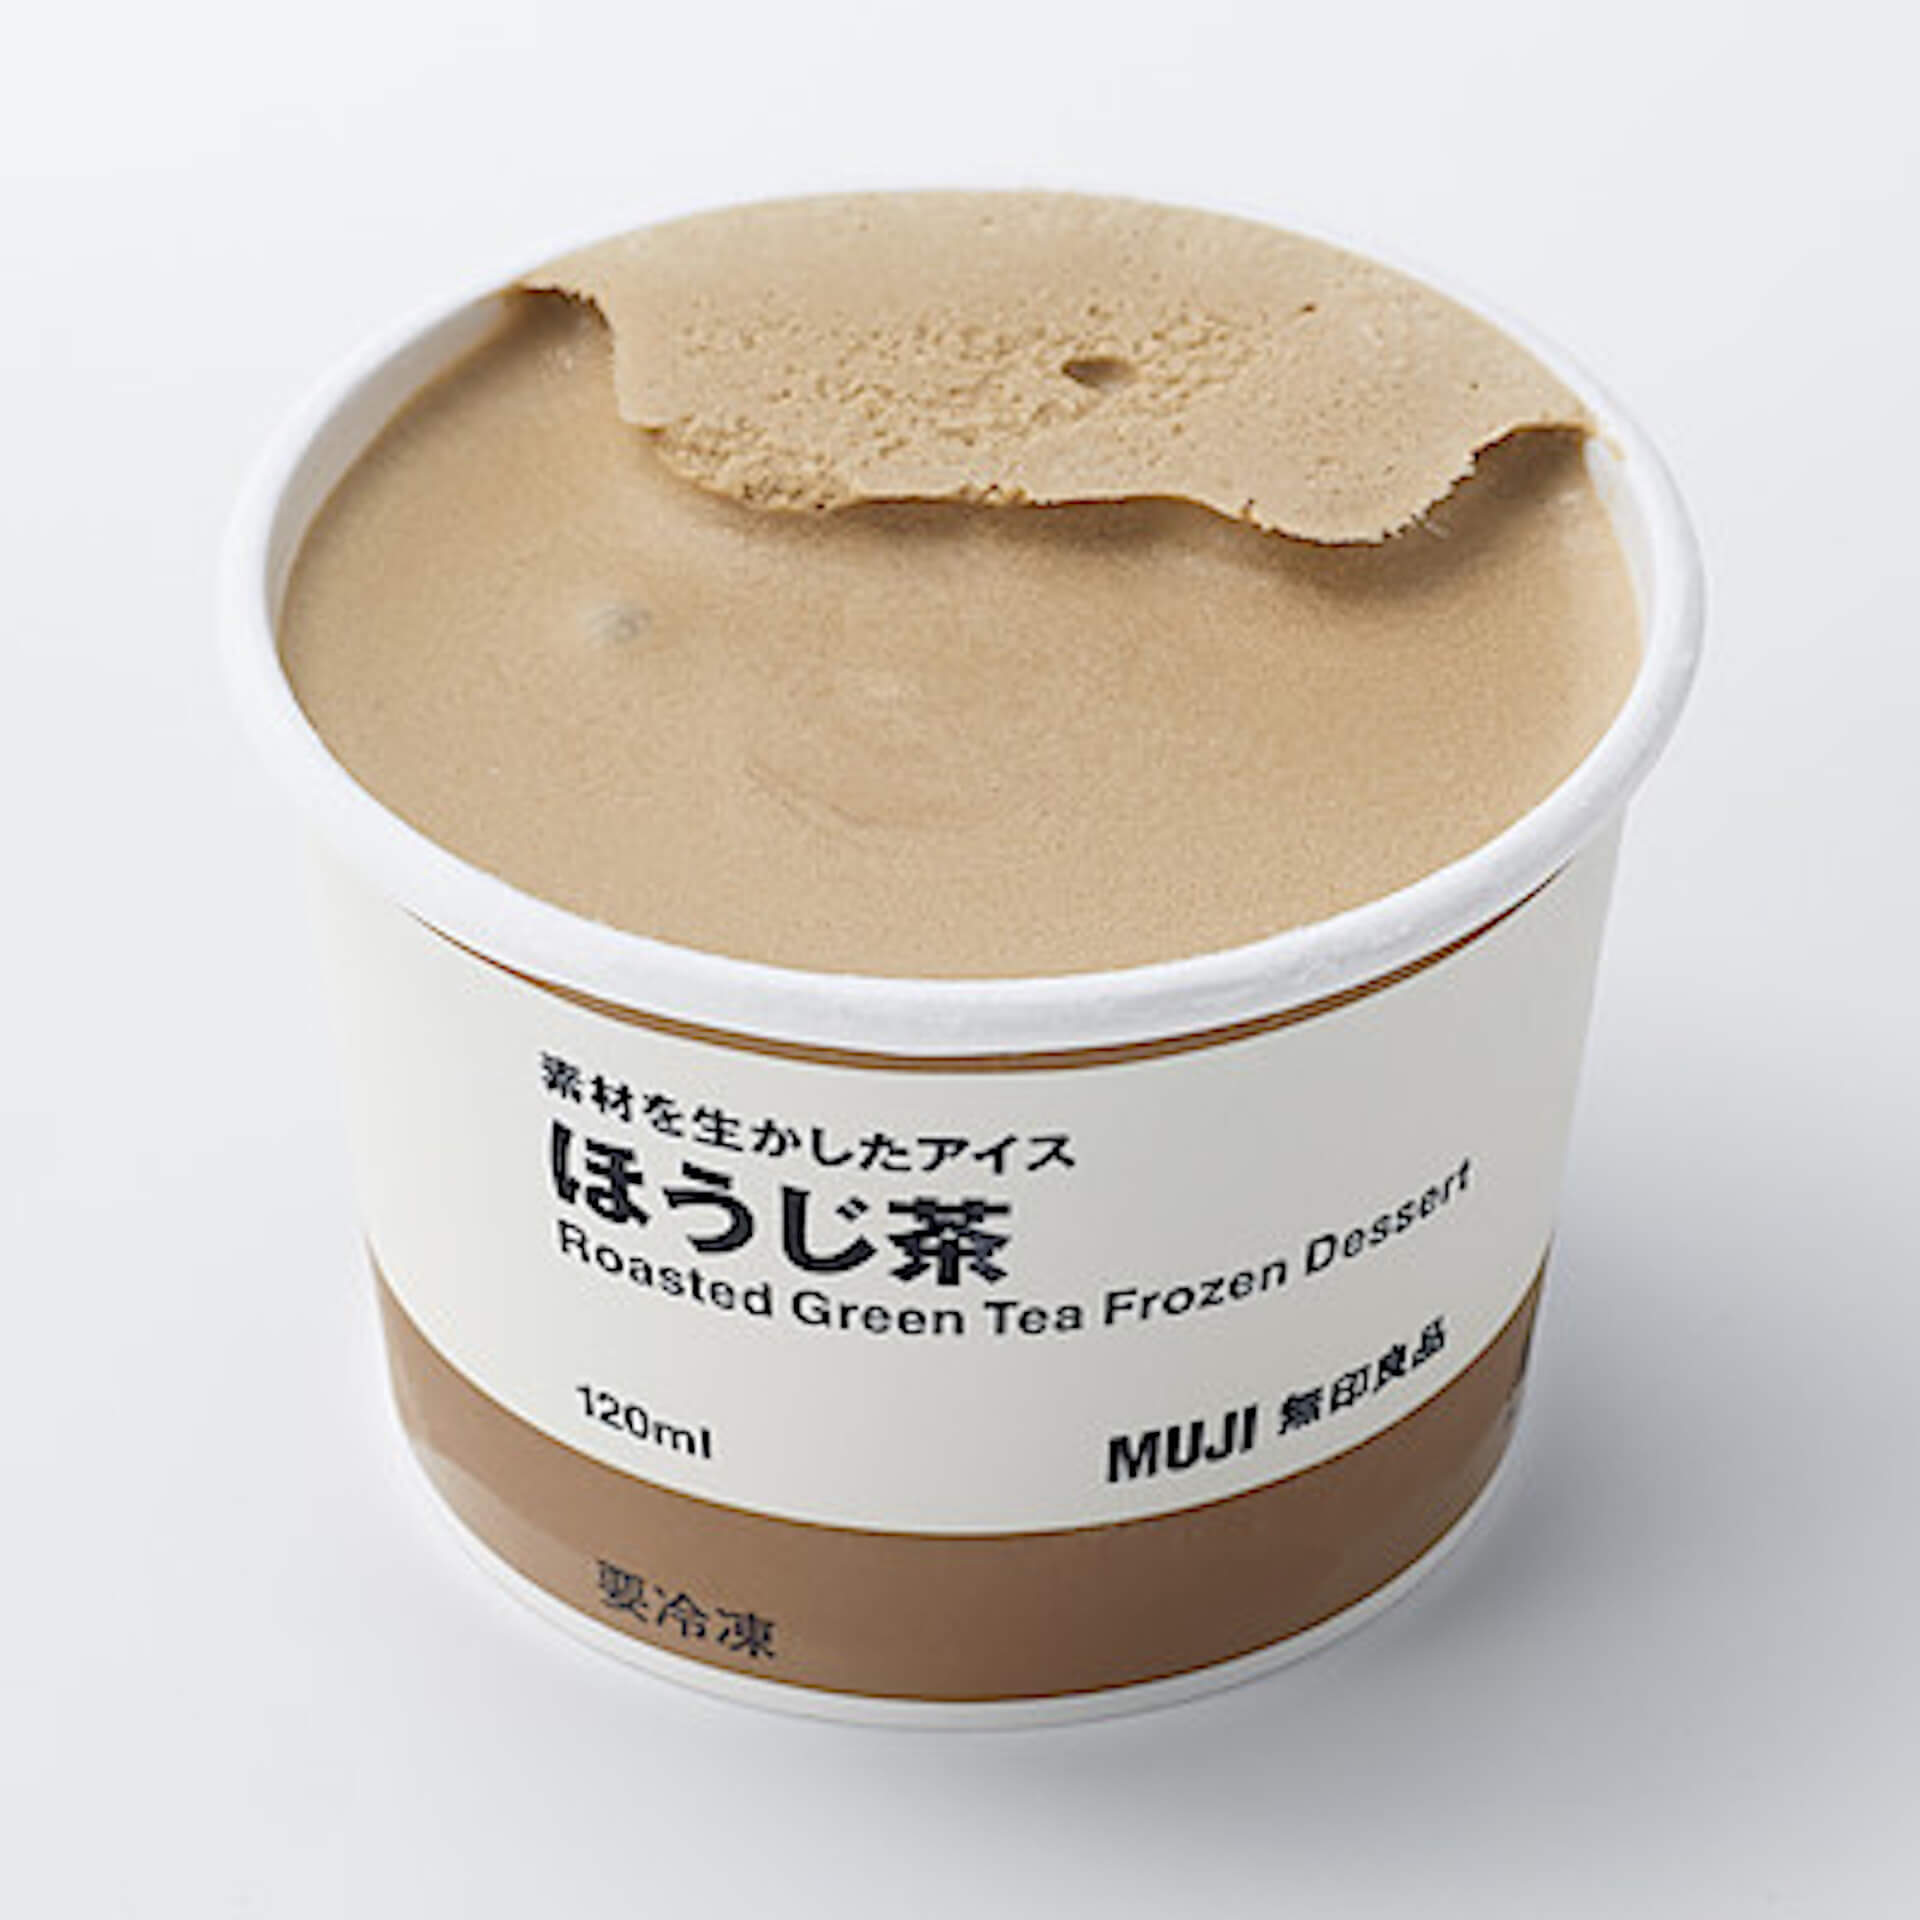 無印良品の新しい冷凍食品「素材を生かしたアイス・ソルベ」が新発売!ジャージー牛乳やいちごなど4つのフレーバー登場 gourmet210428_muji-210428_3